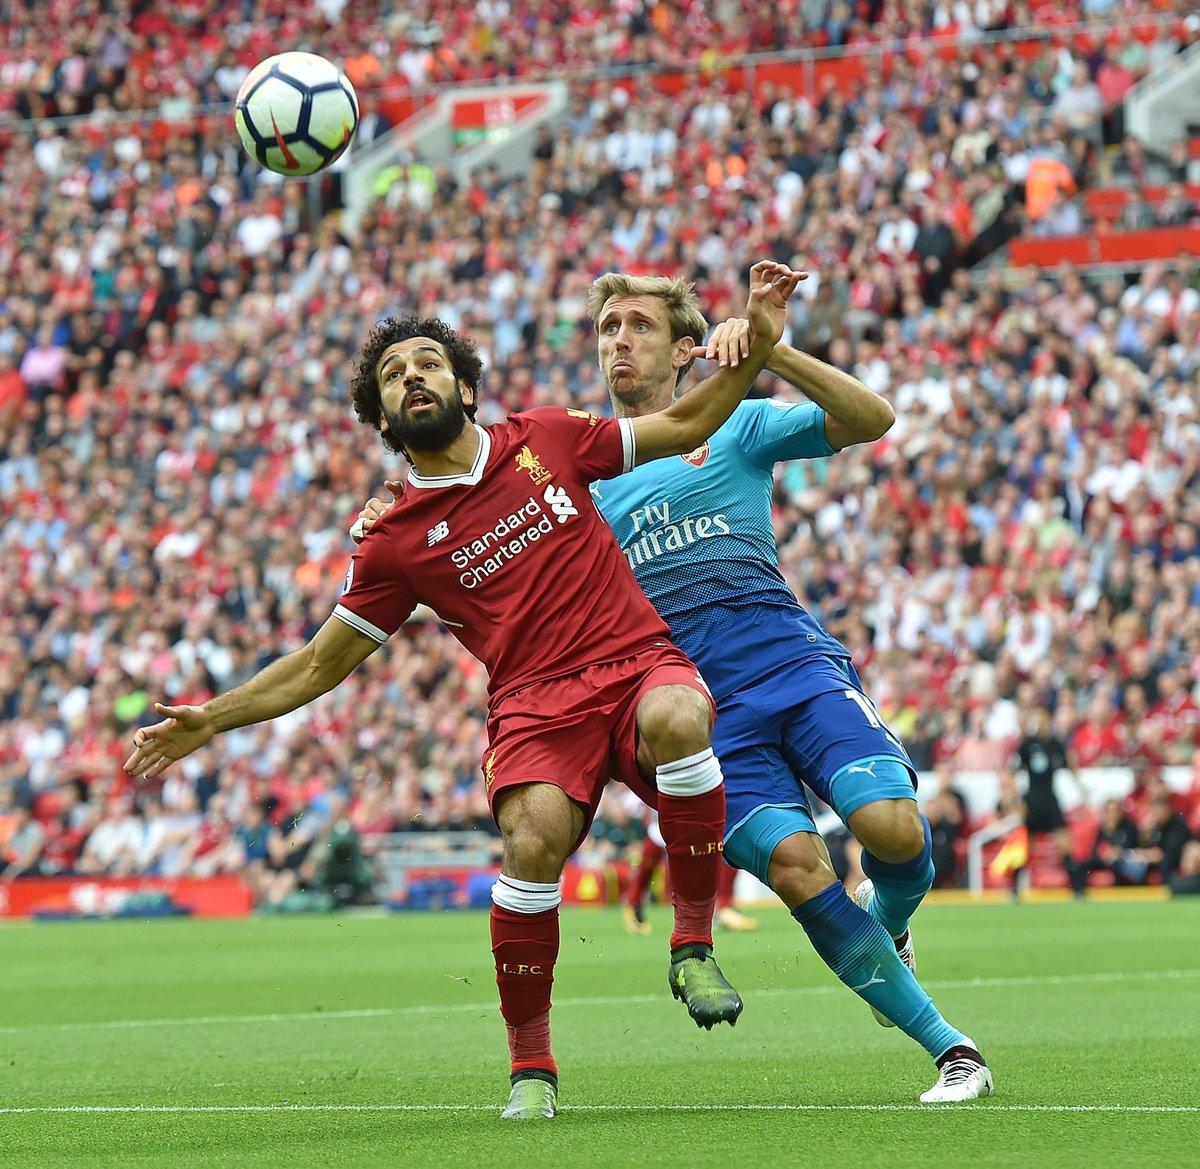 Прогноз на матч Ливерпуль - Арсенал 27 августа 2017